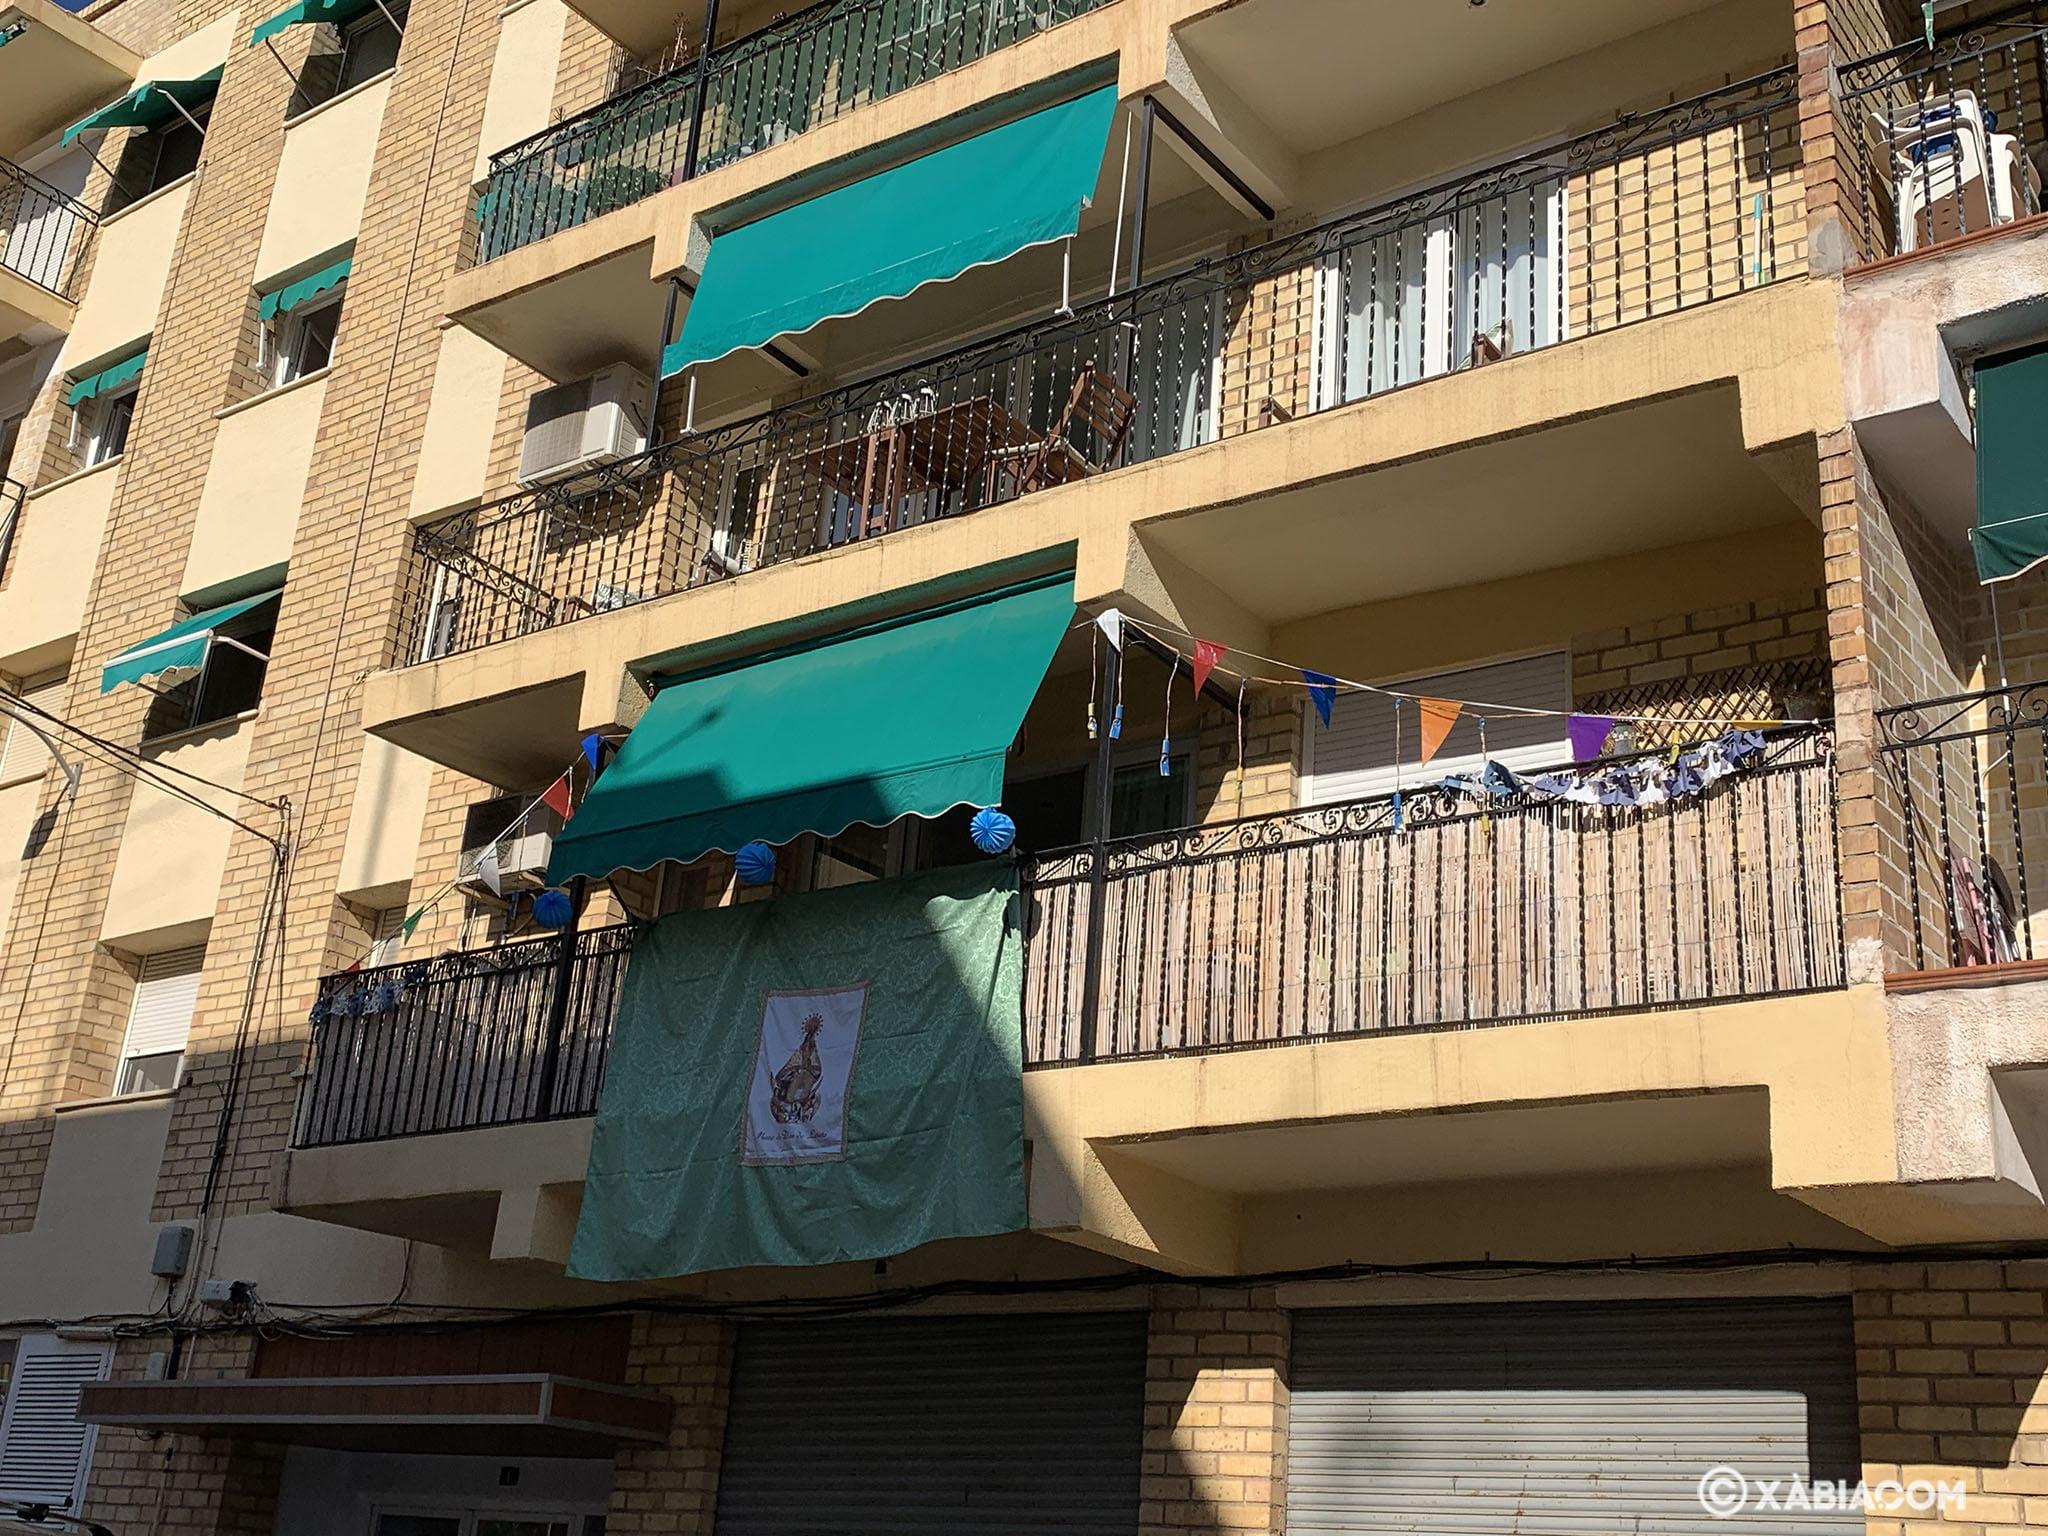 Engalanado de balcones en honor a las fiestas de Loreto